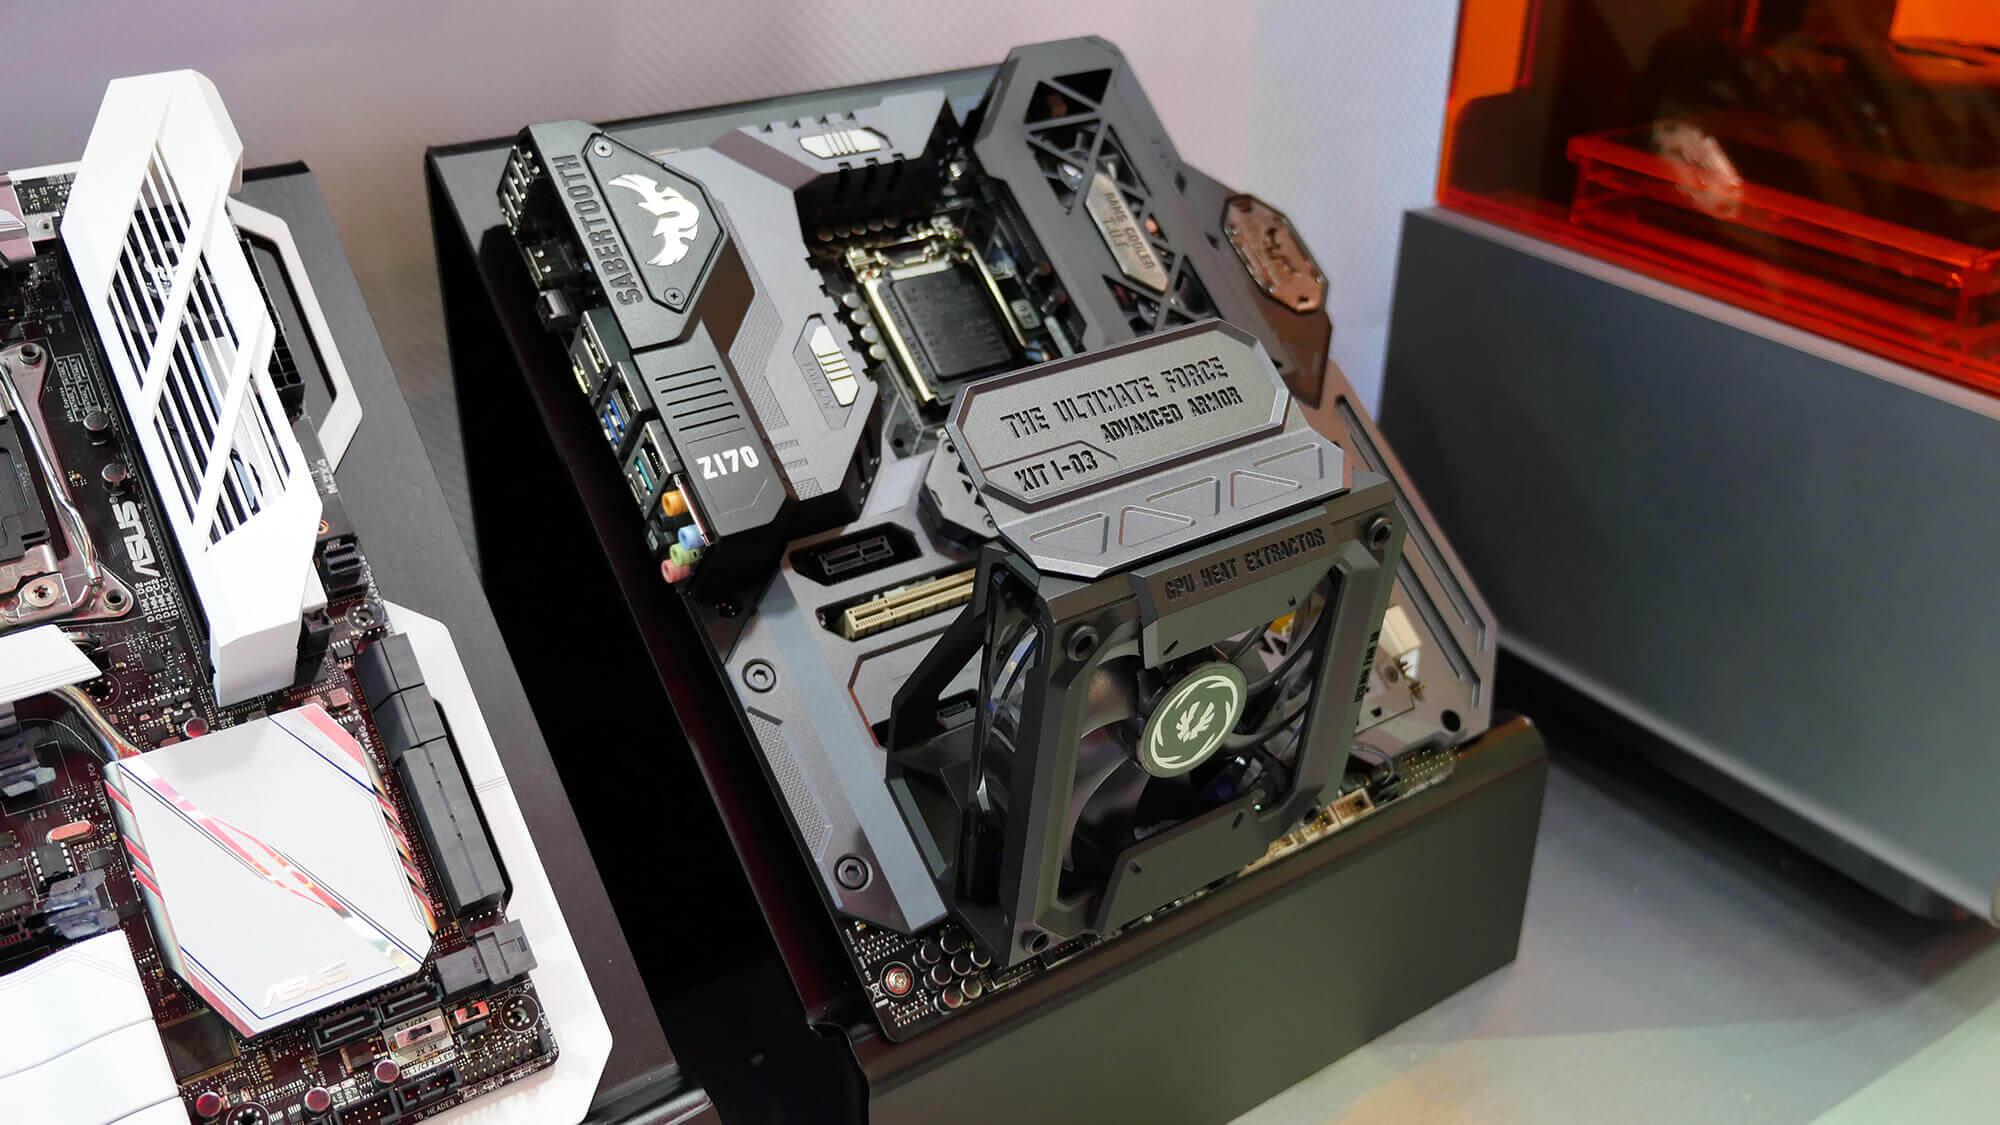 Gamer-PC-Gehäuse aus dem 3D-Drucker speziell für die männliche Zielgruppe (Bild © rog.asus.com).